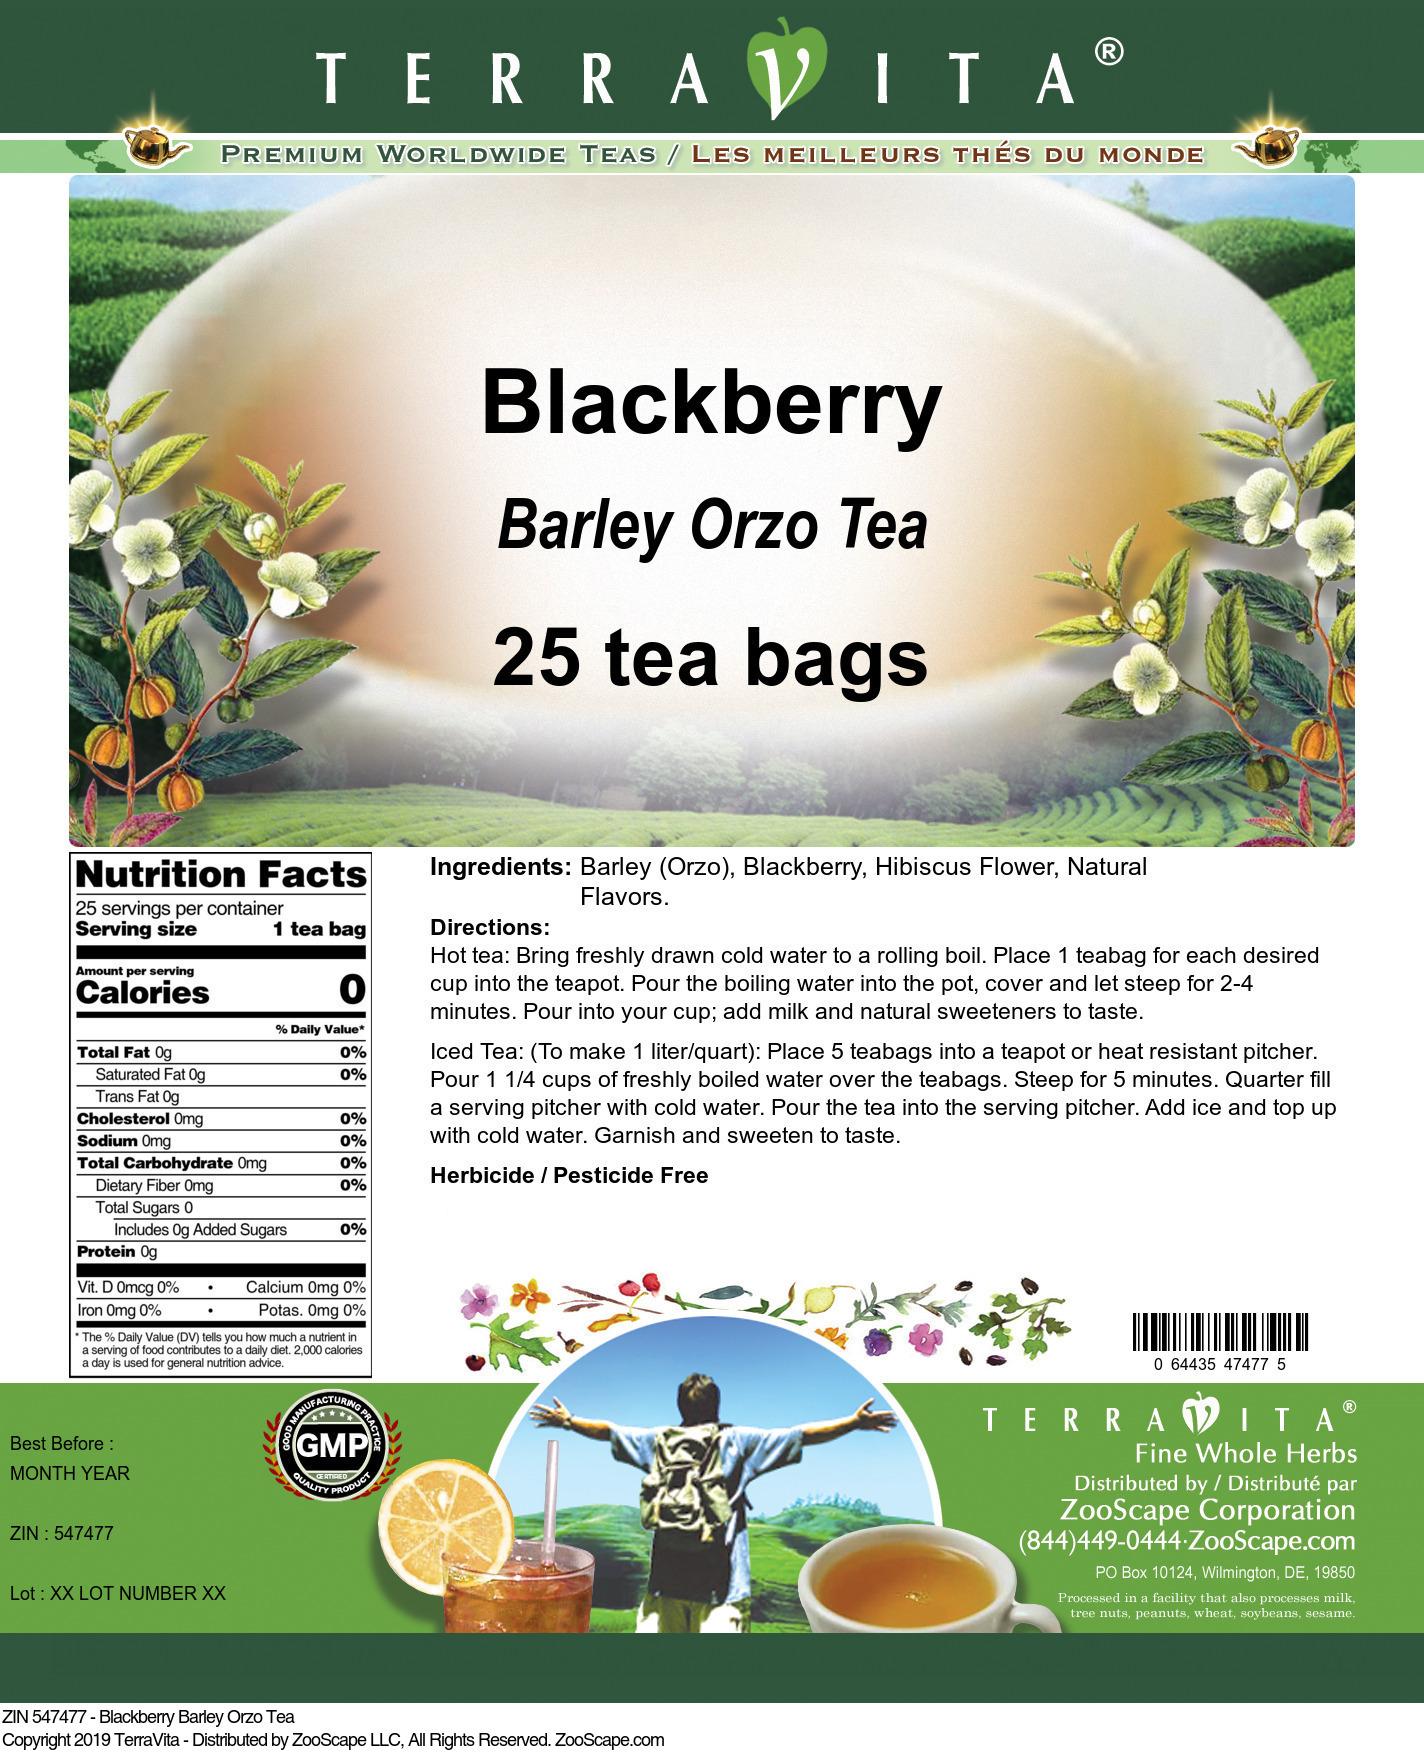 Blackberry Barley Orzo